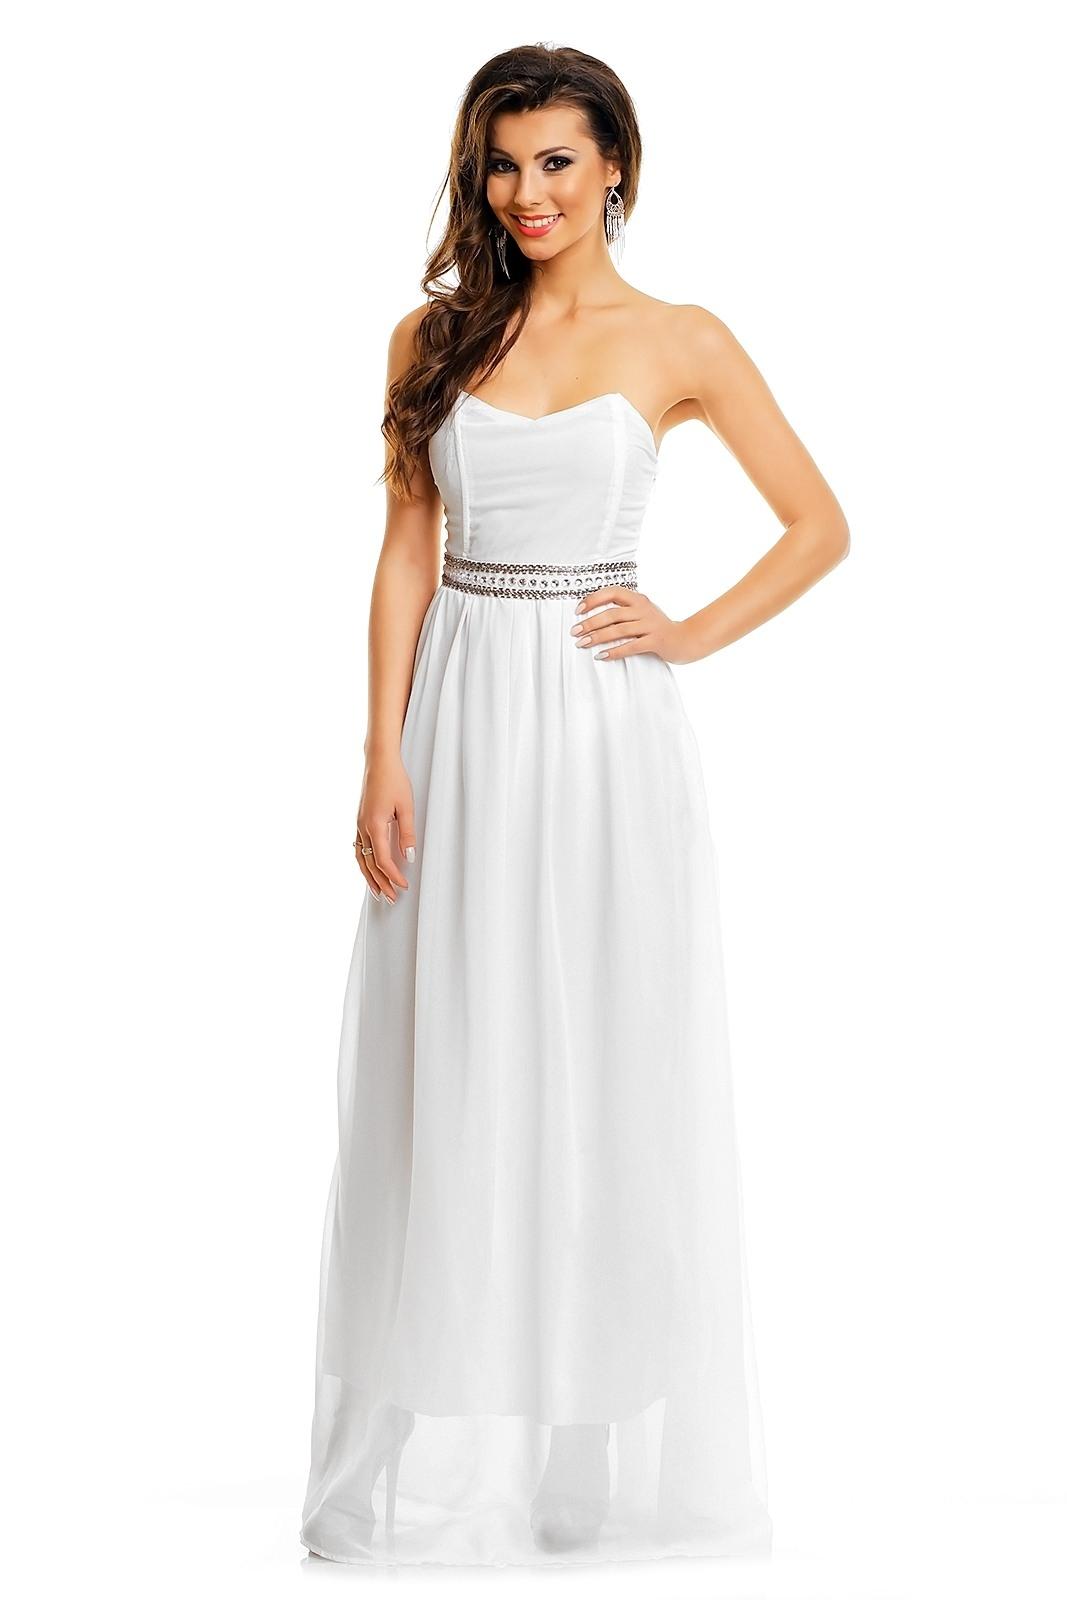 Fantastisch Abendkleid Weiß Lang Galerie15 Schön Abendkleid Weiß Lang Galerie